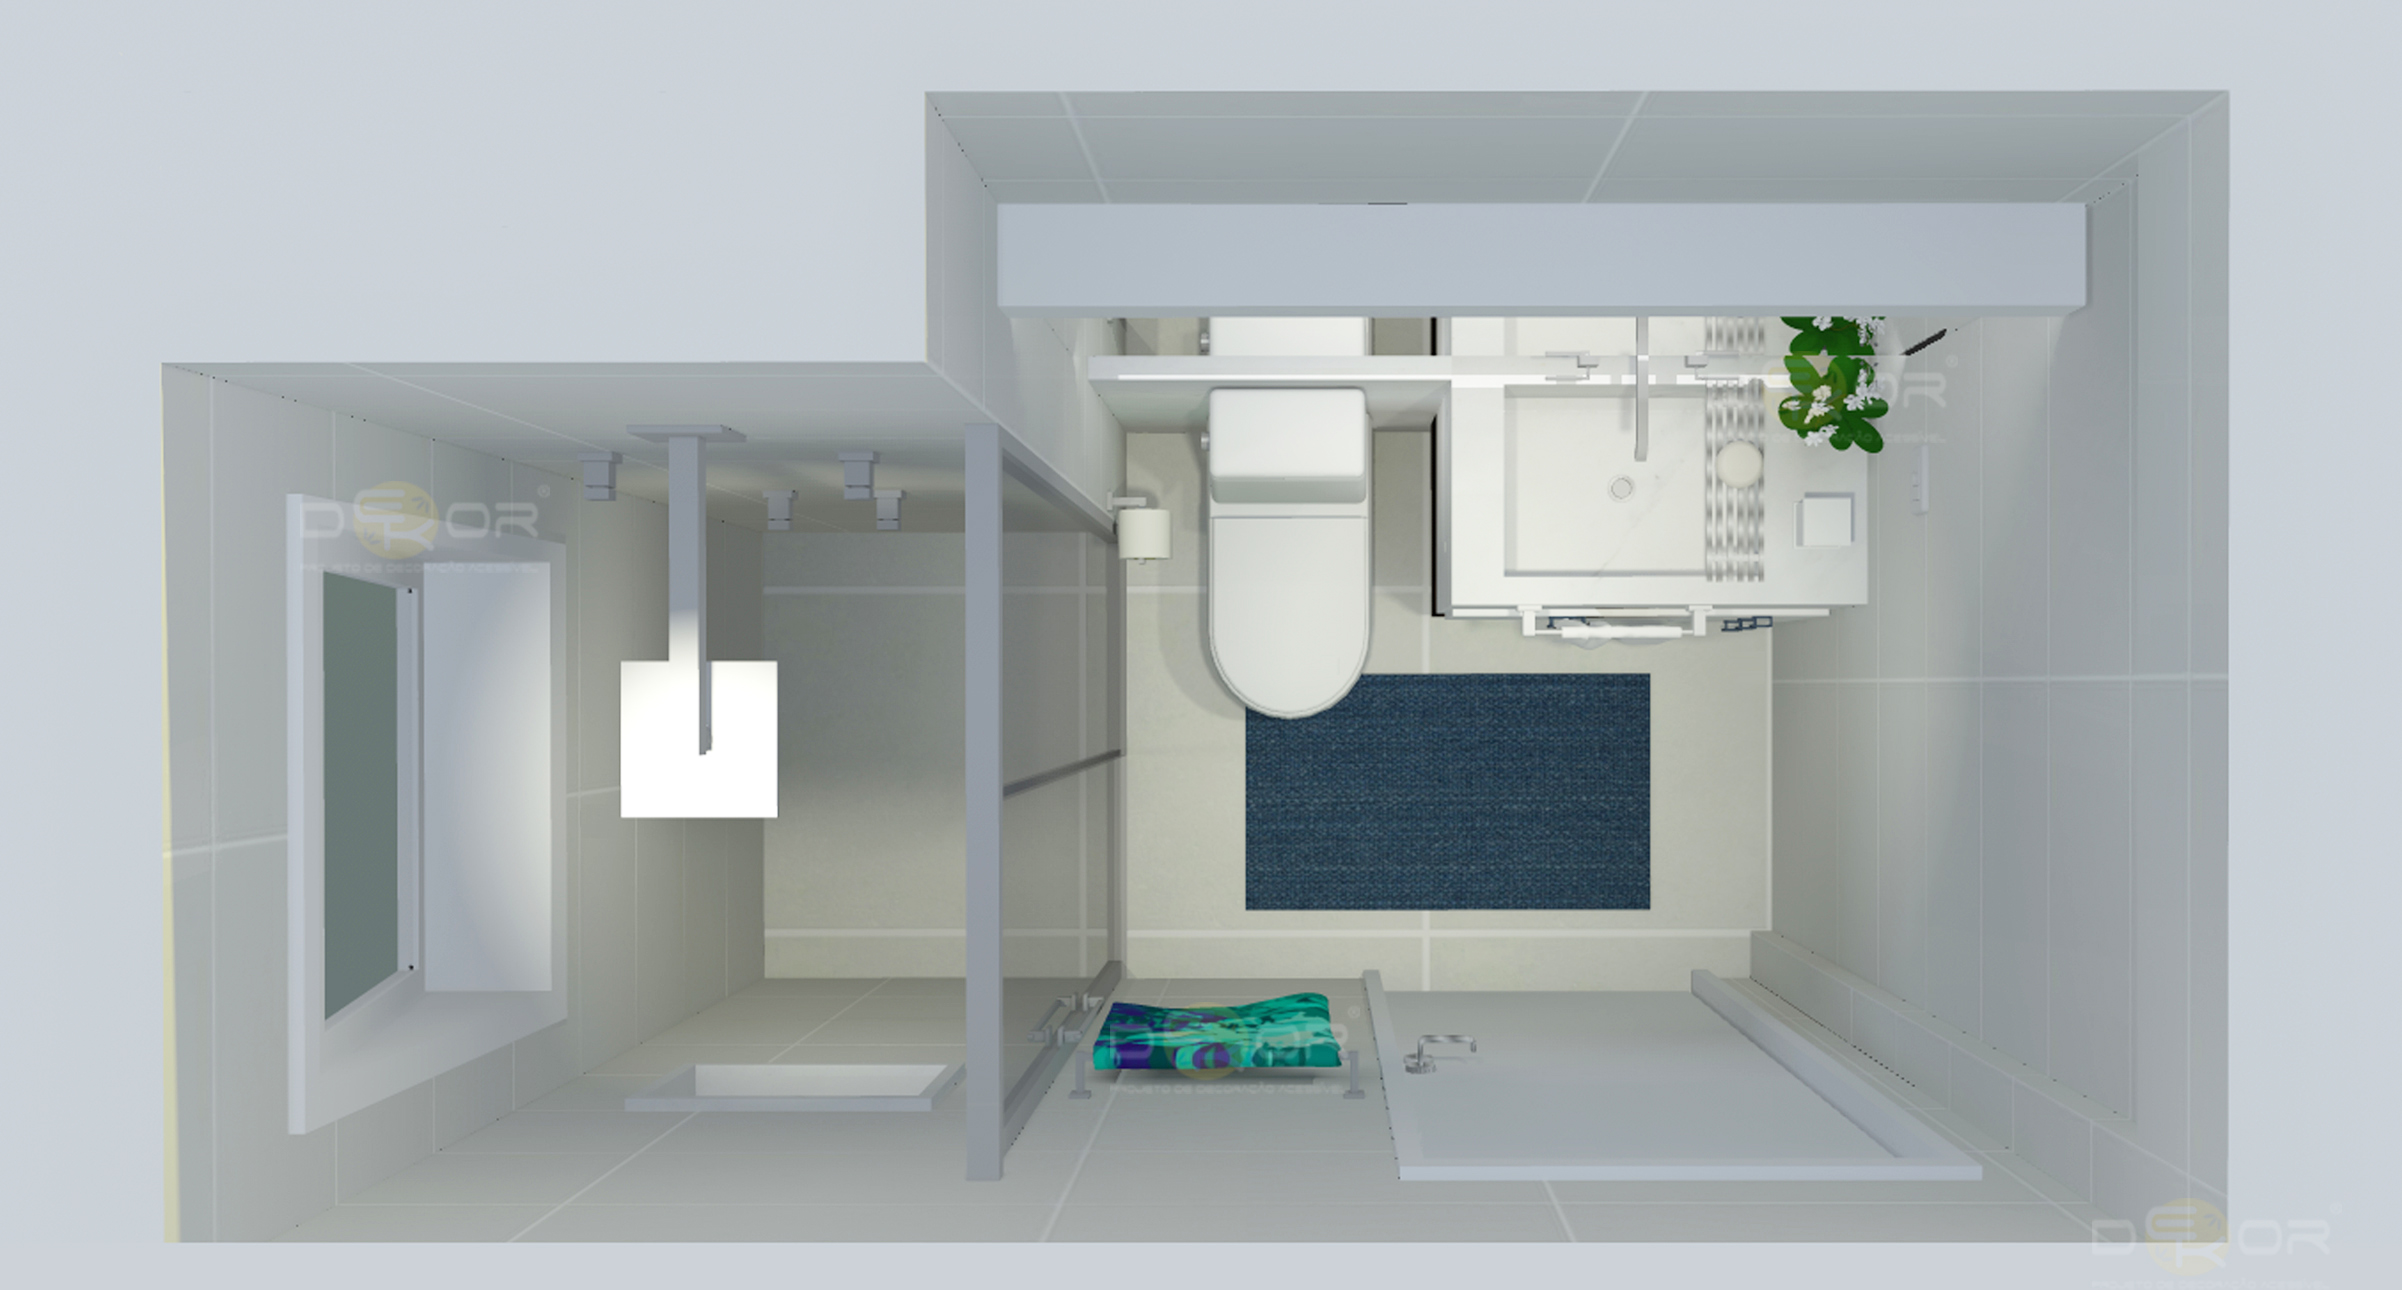 Projeto de Banheiro – Decoração Online #14 Erika Karpuk #2B7C71 2402 1290